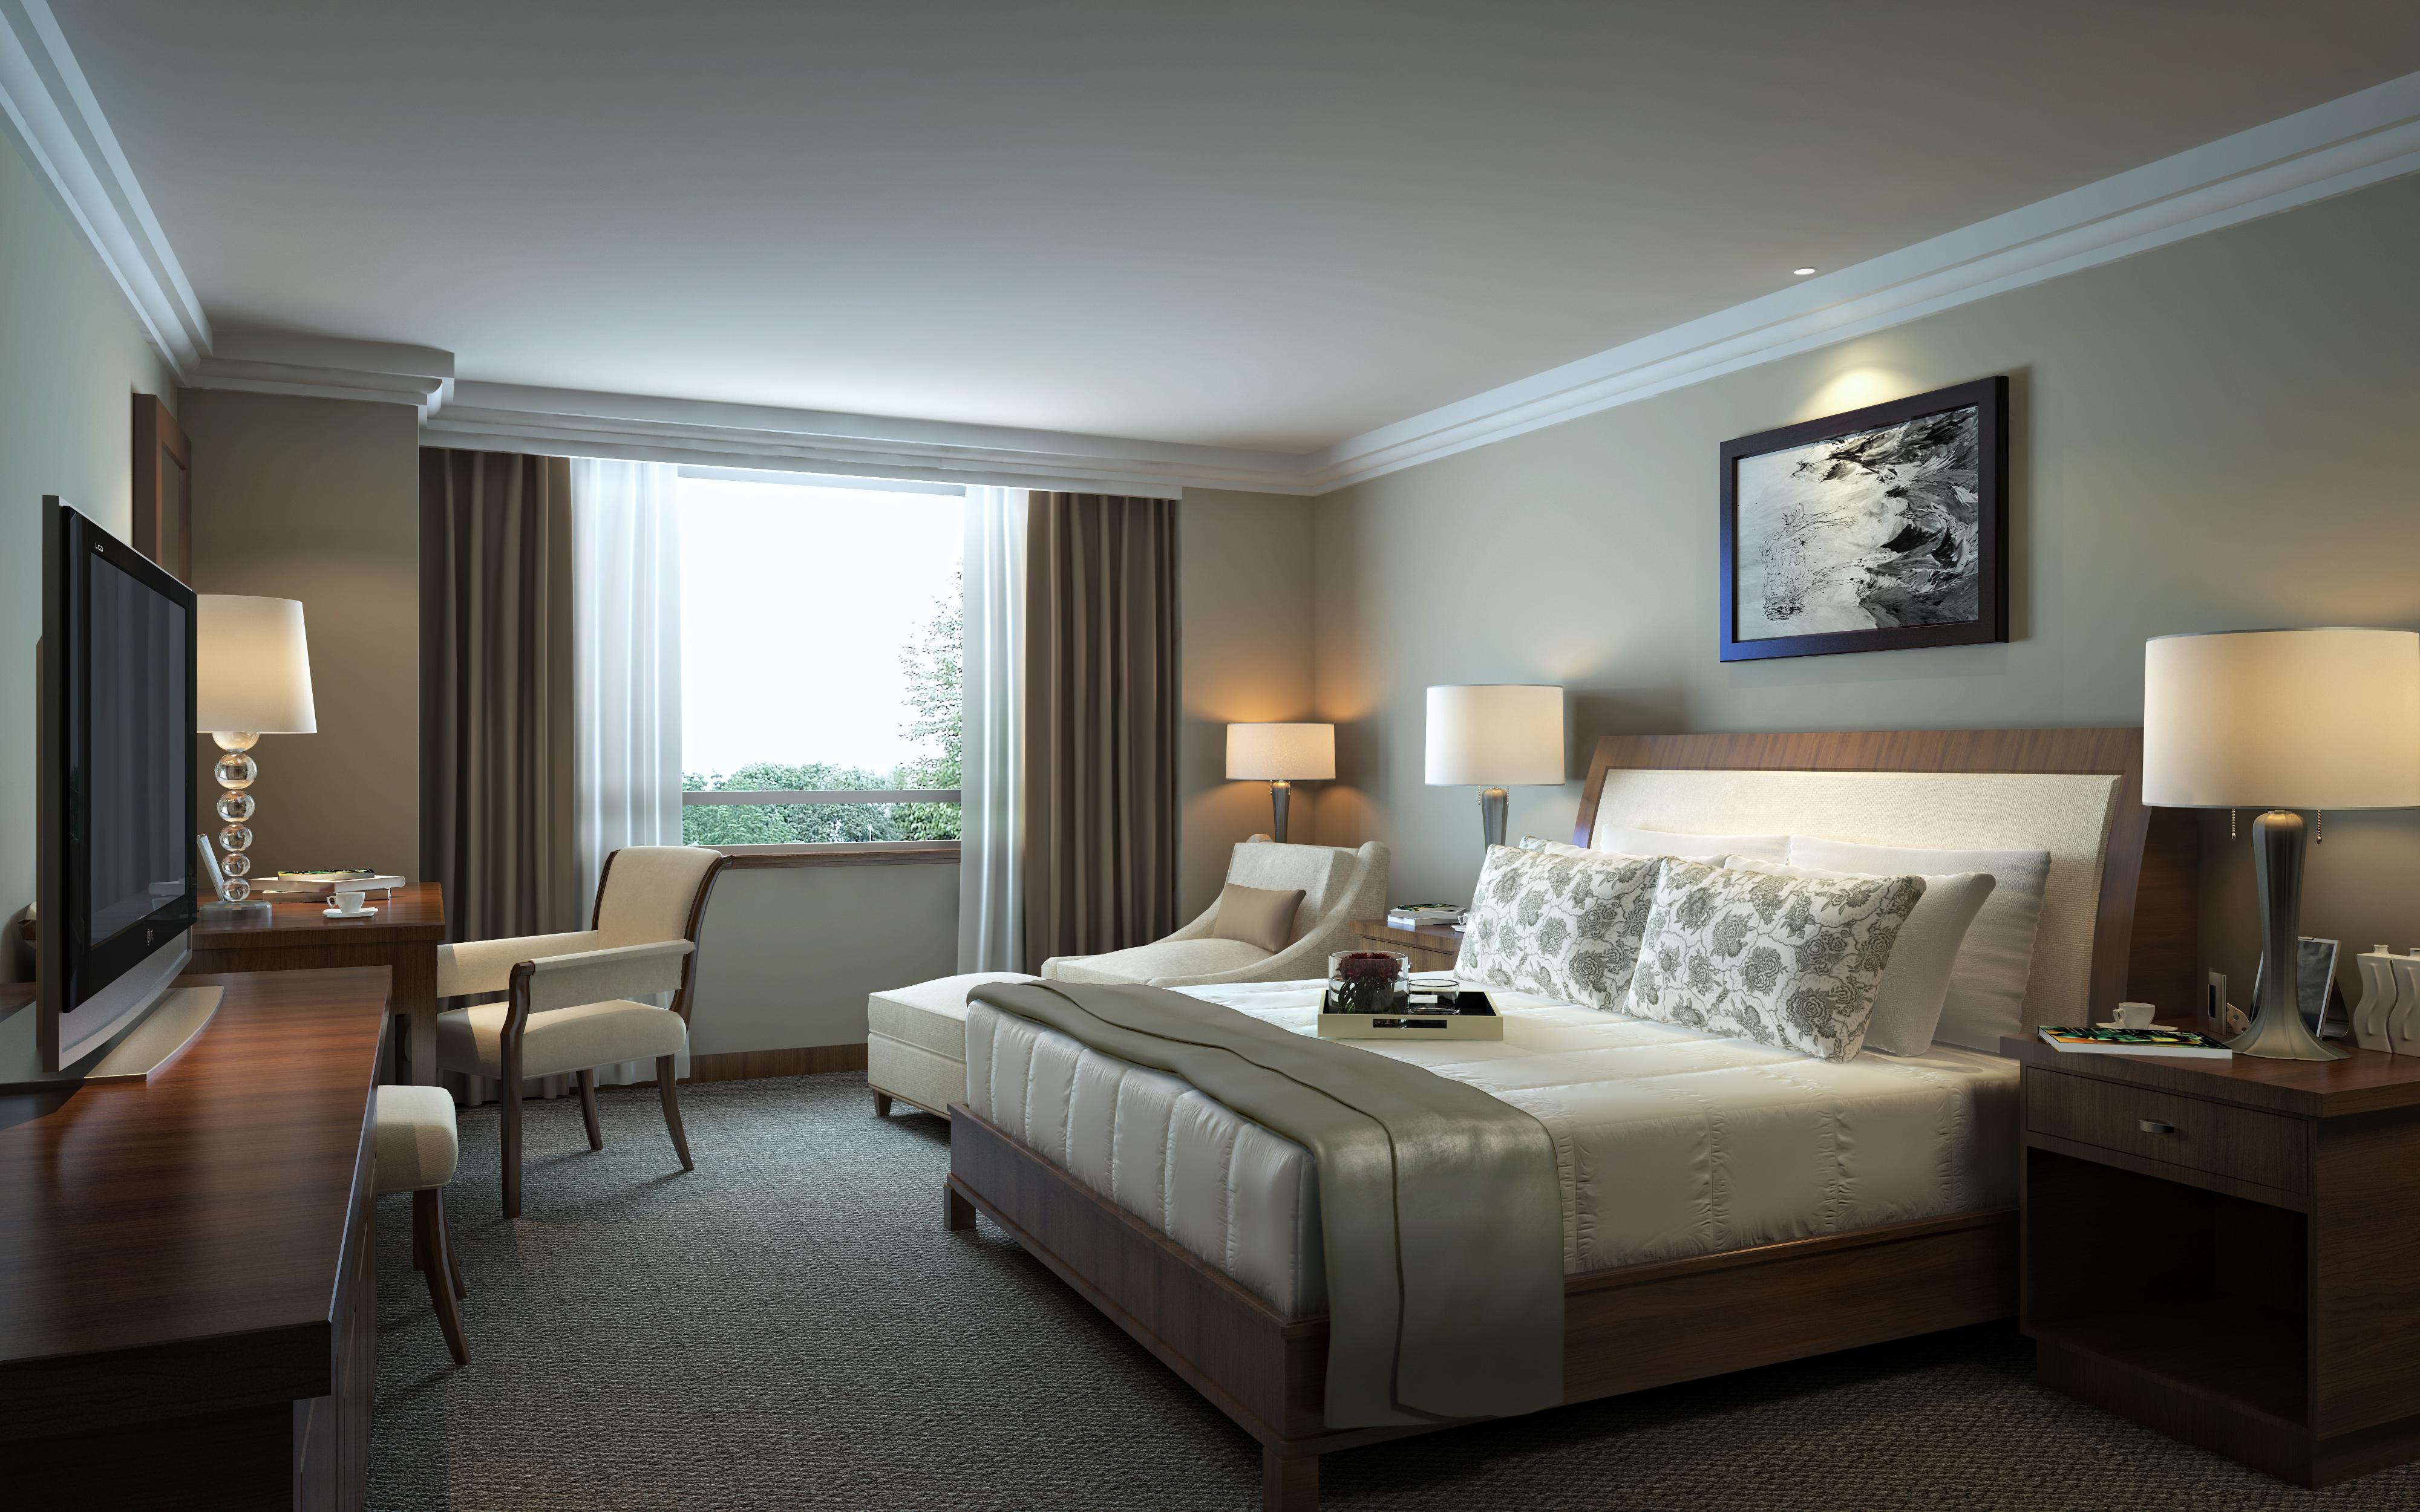 Кровать спальня бесплатно